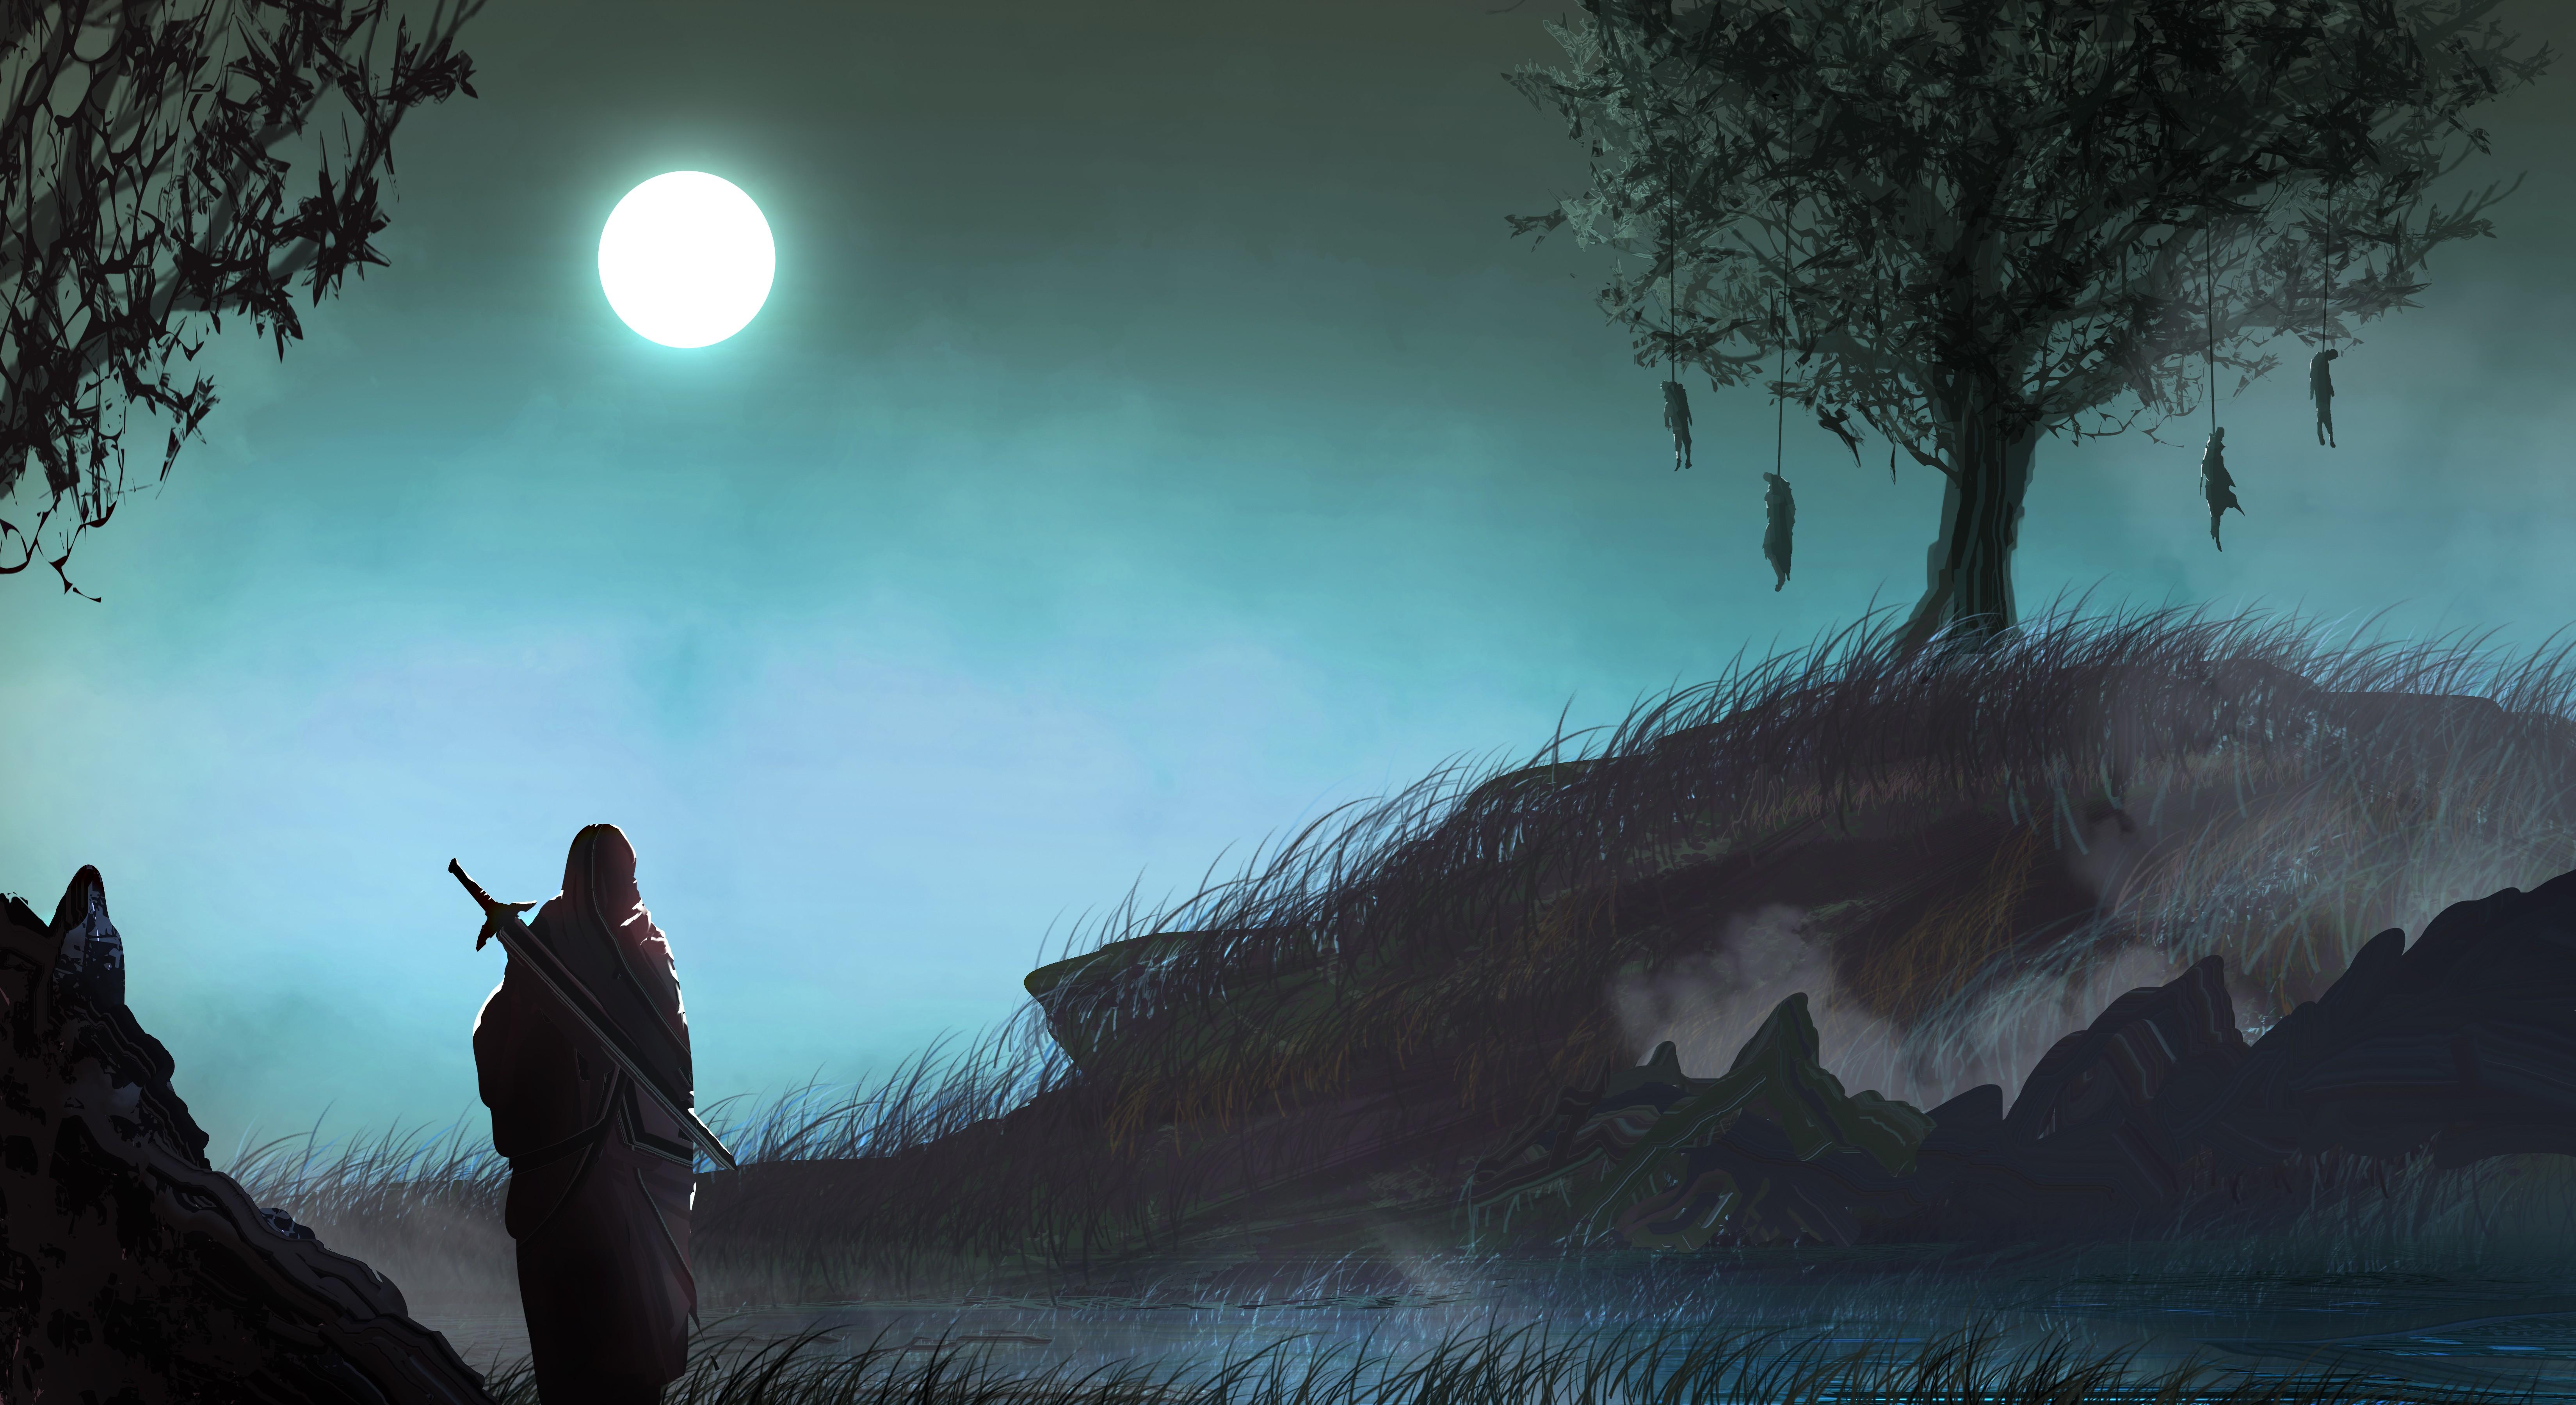 Sunlight Trees Fantasy Art Night Nature Grass Moon Morning Mist Sword Warrior Moonlight Loneliness Light Fog